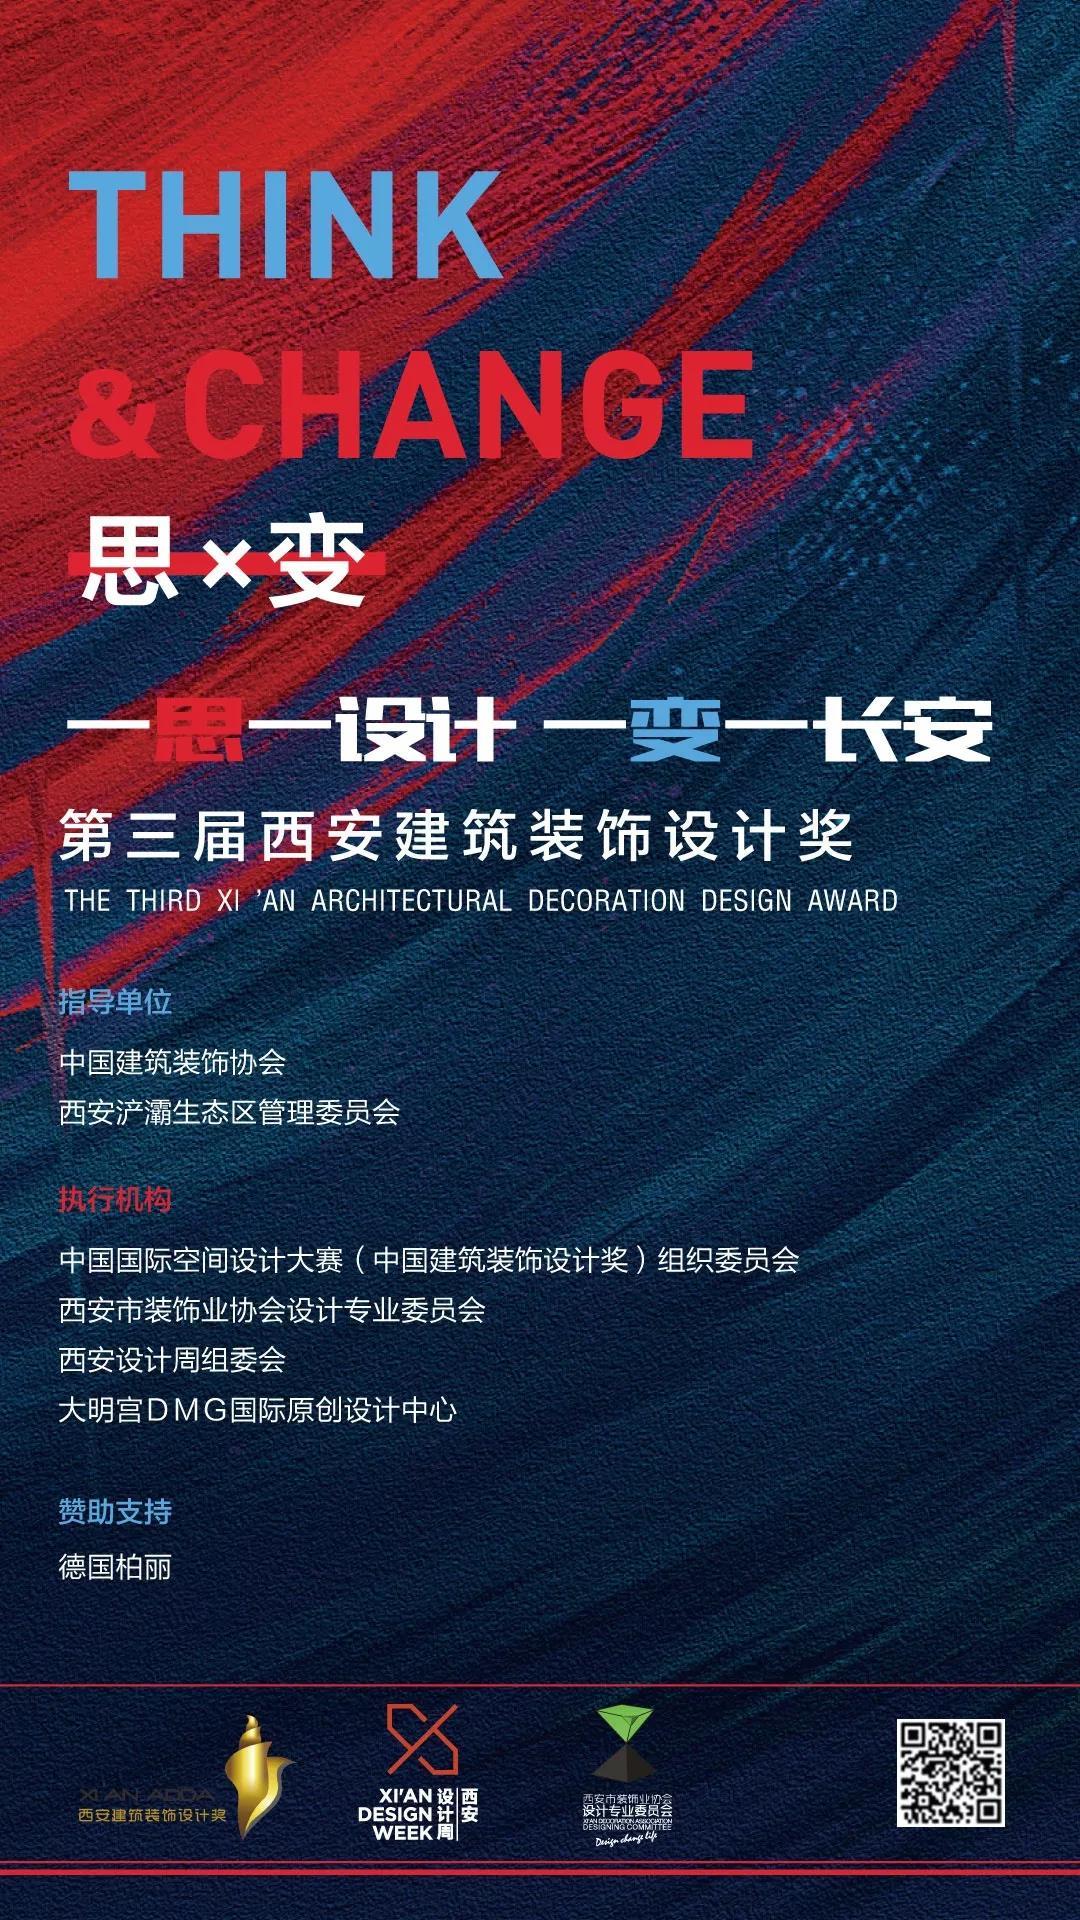 思變長安·第三屆西安建築裝飾設計獎